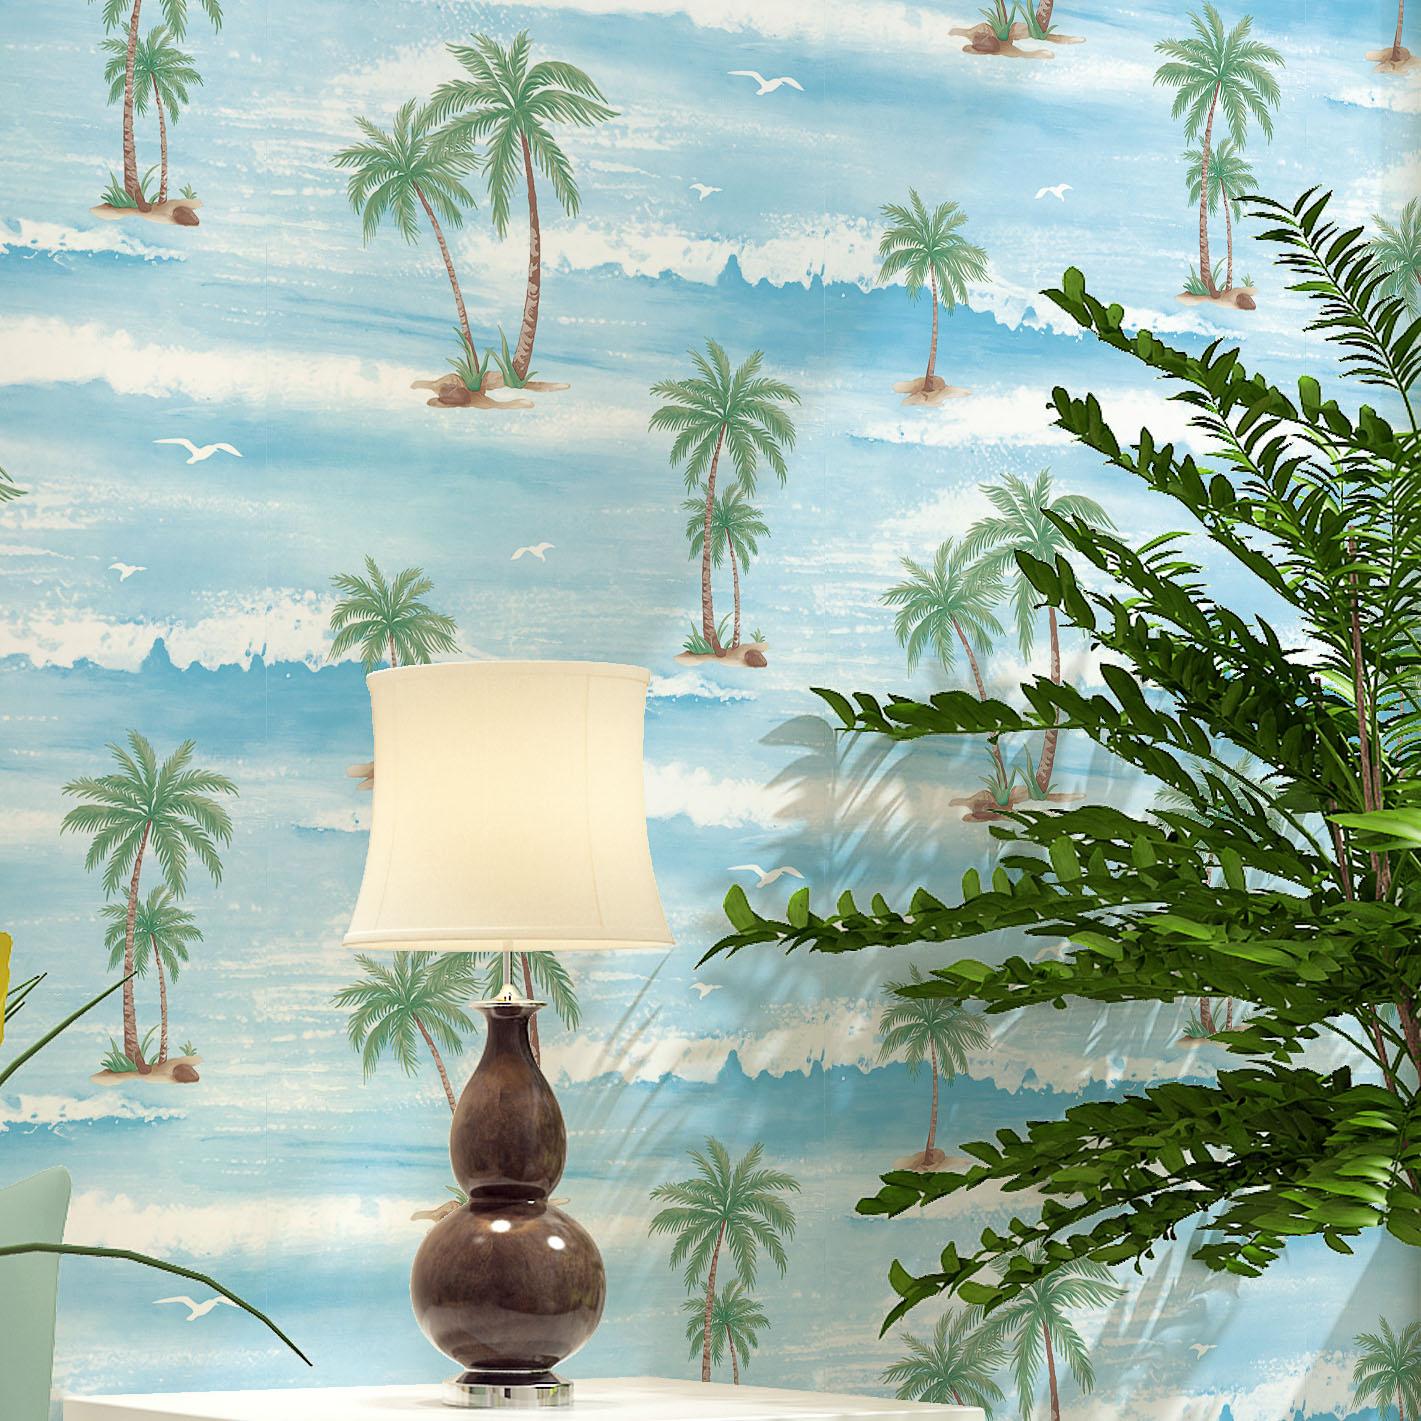 Tuinieren behang koop goedkope tuinieren behang loten van chinese ...